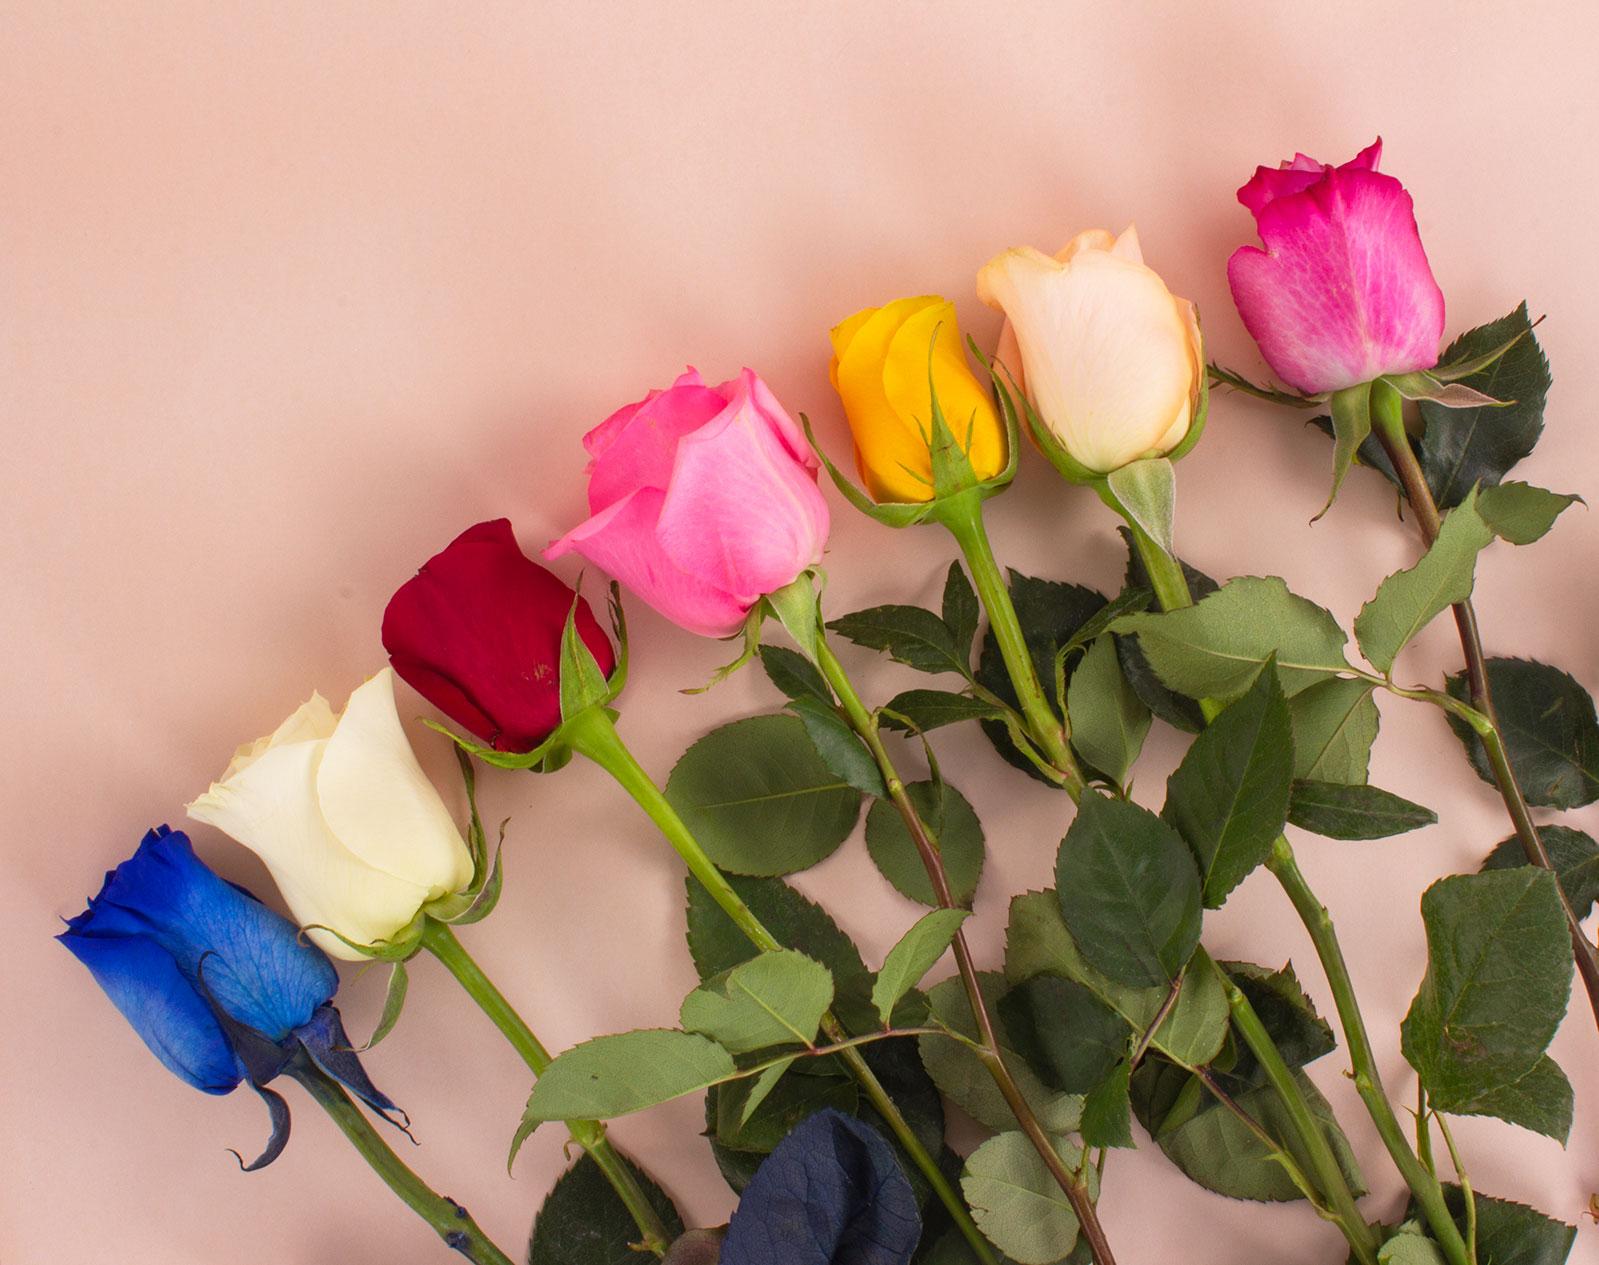 Conoce los cuidados básicos de un arreglo floral